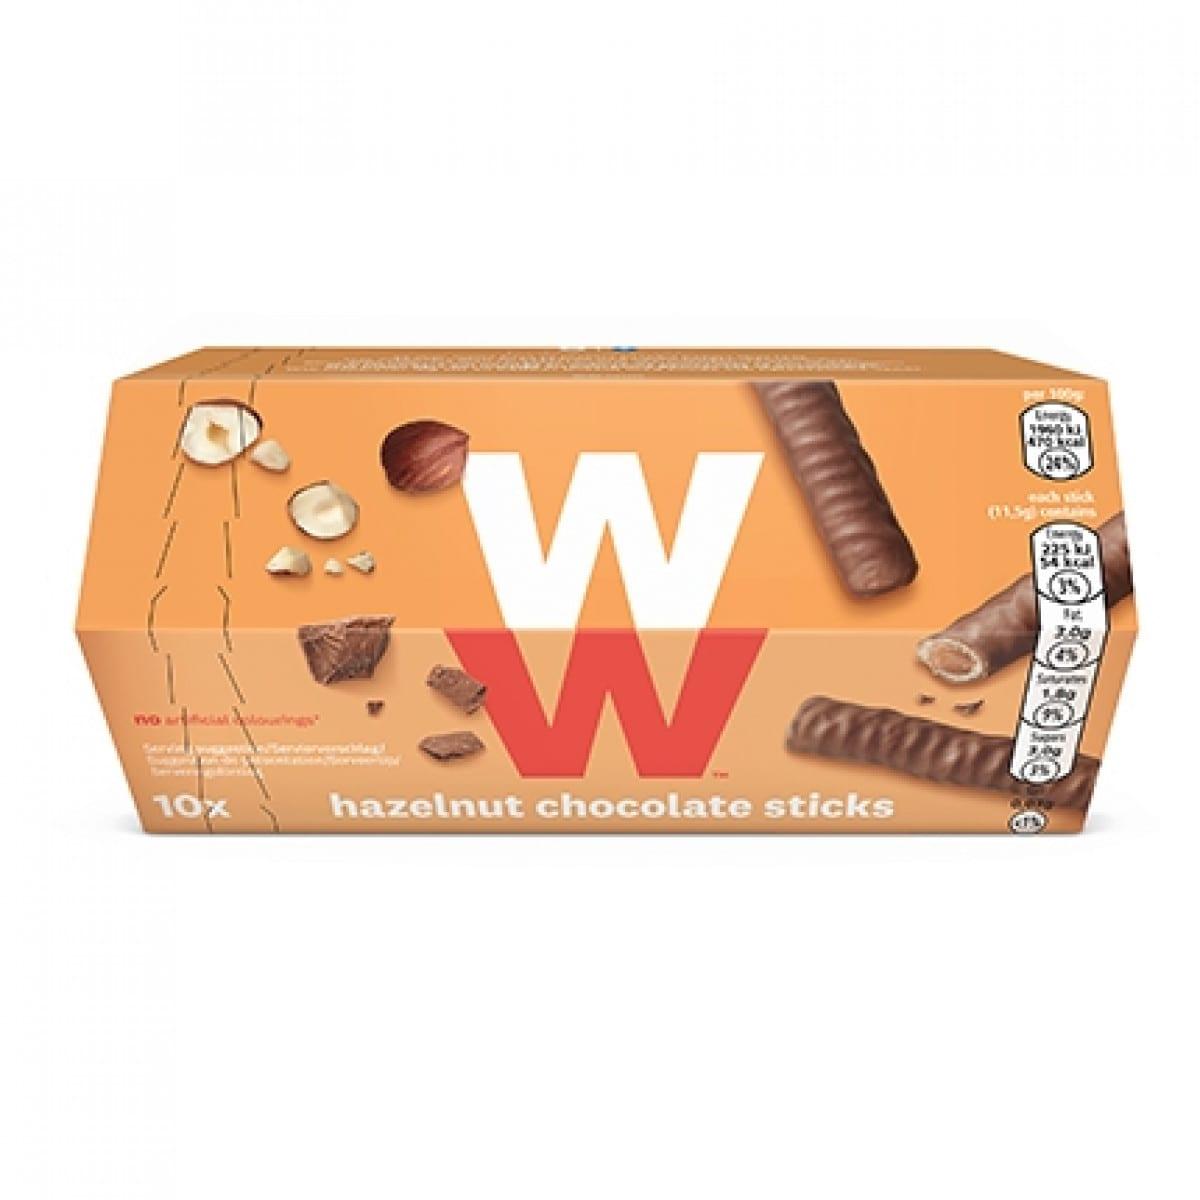 Een verpakking met 10 Hazelnoot Chocolade Sticks van WW, chocolade rolletjes gevuld met hazelnootcrème